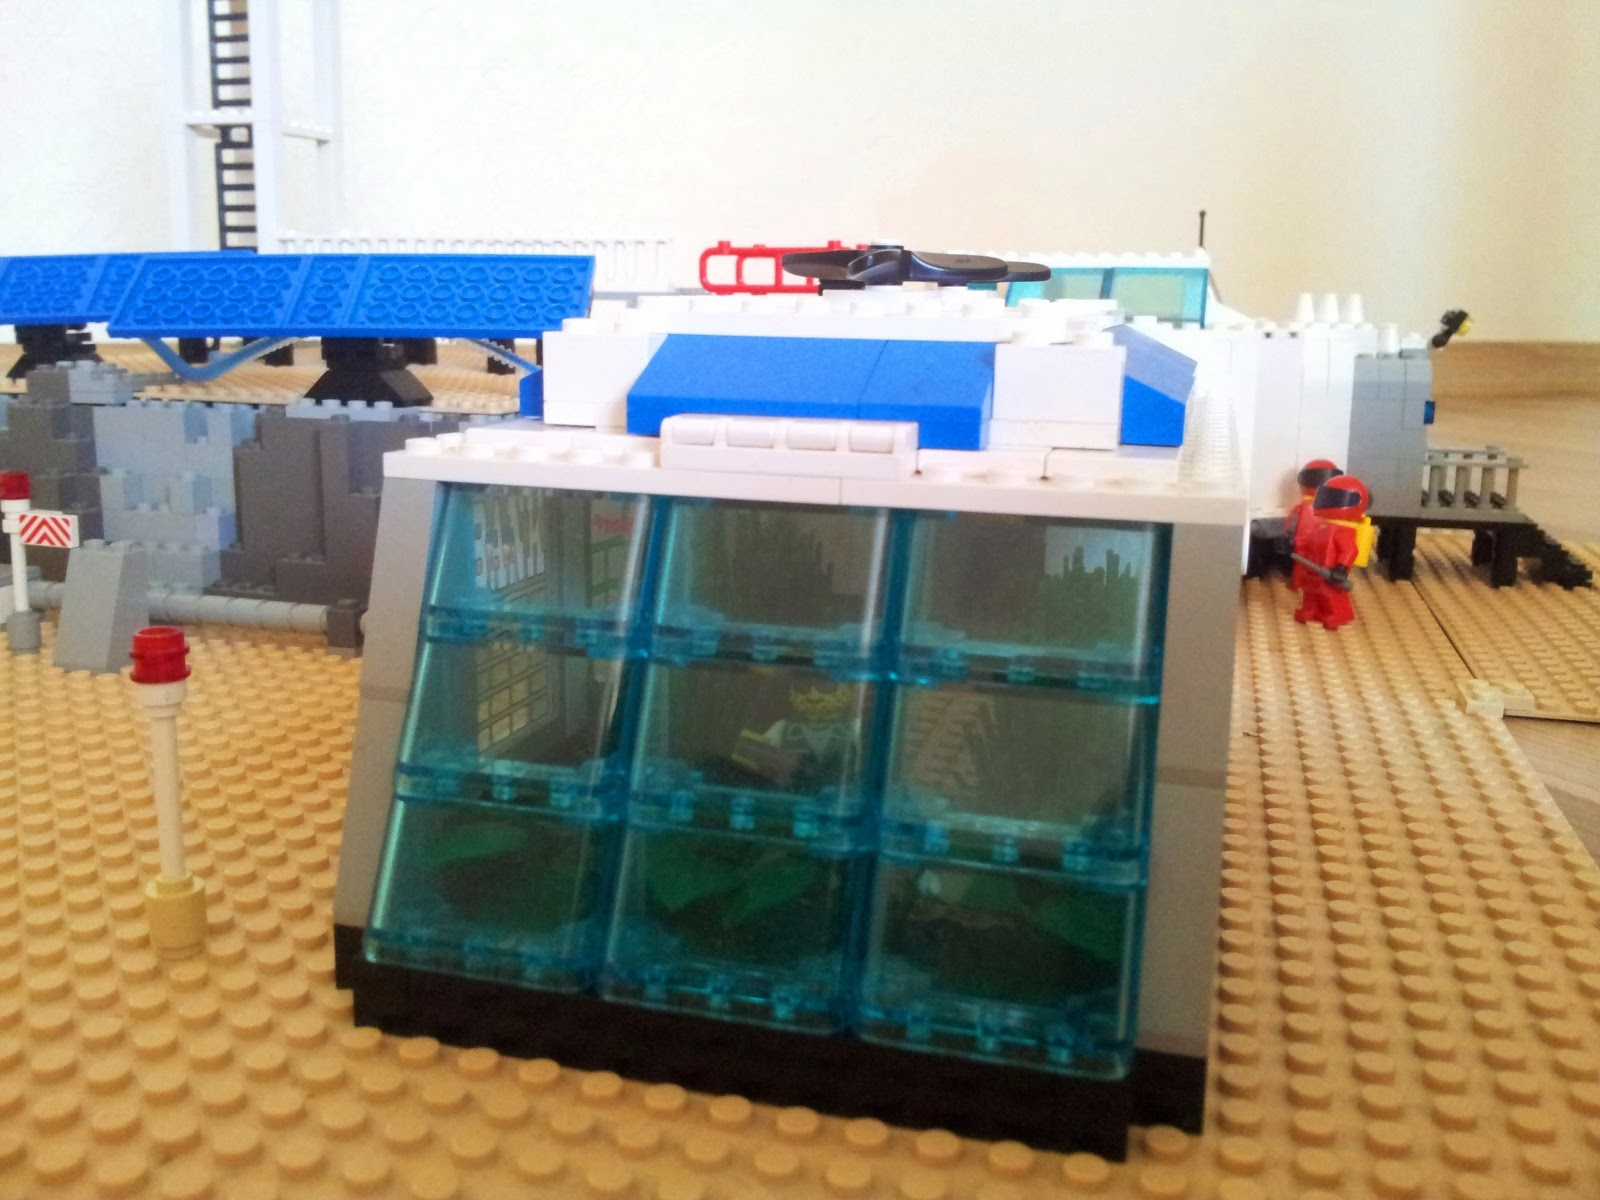 LEGO Mars base greenhouse